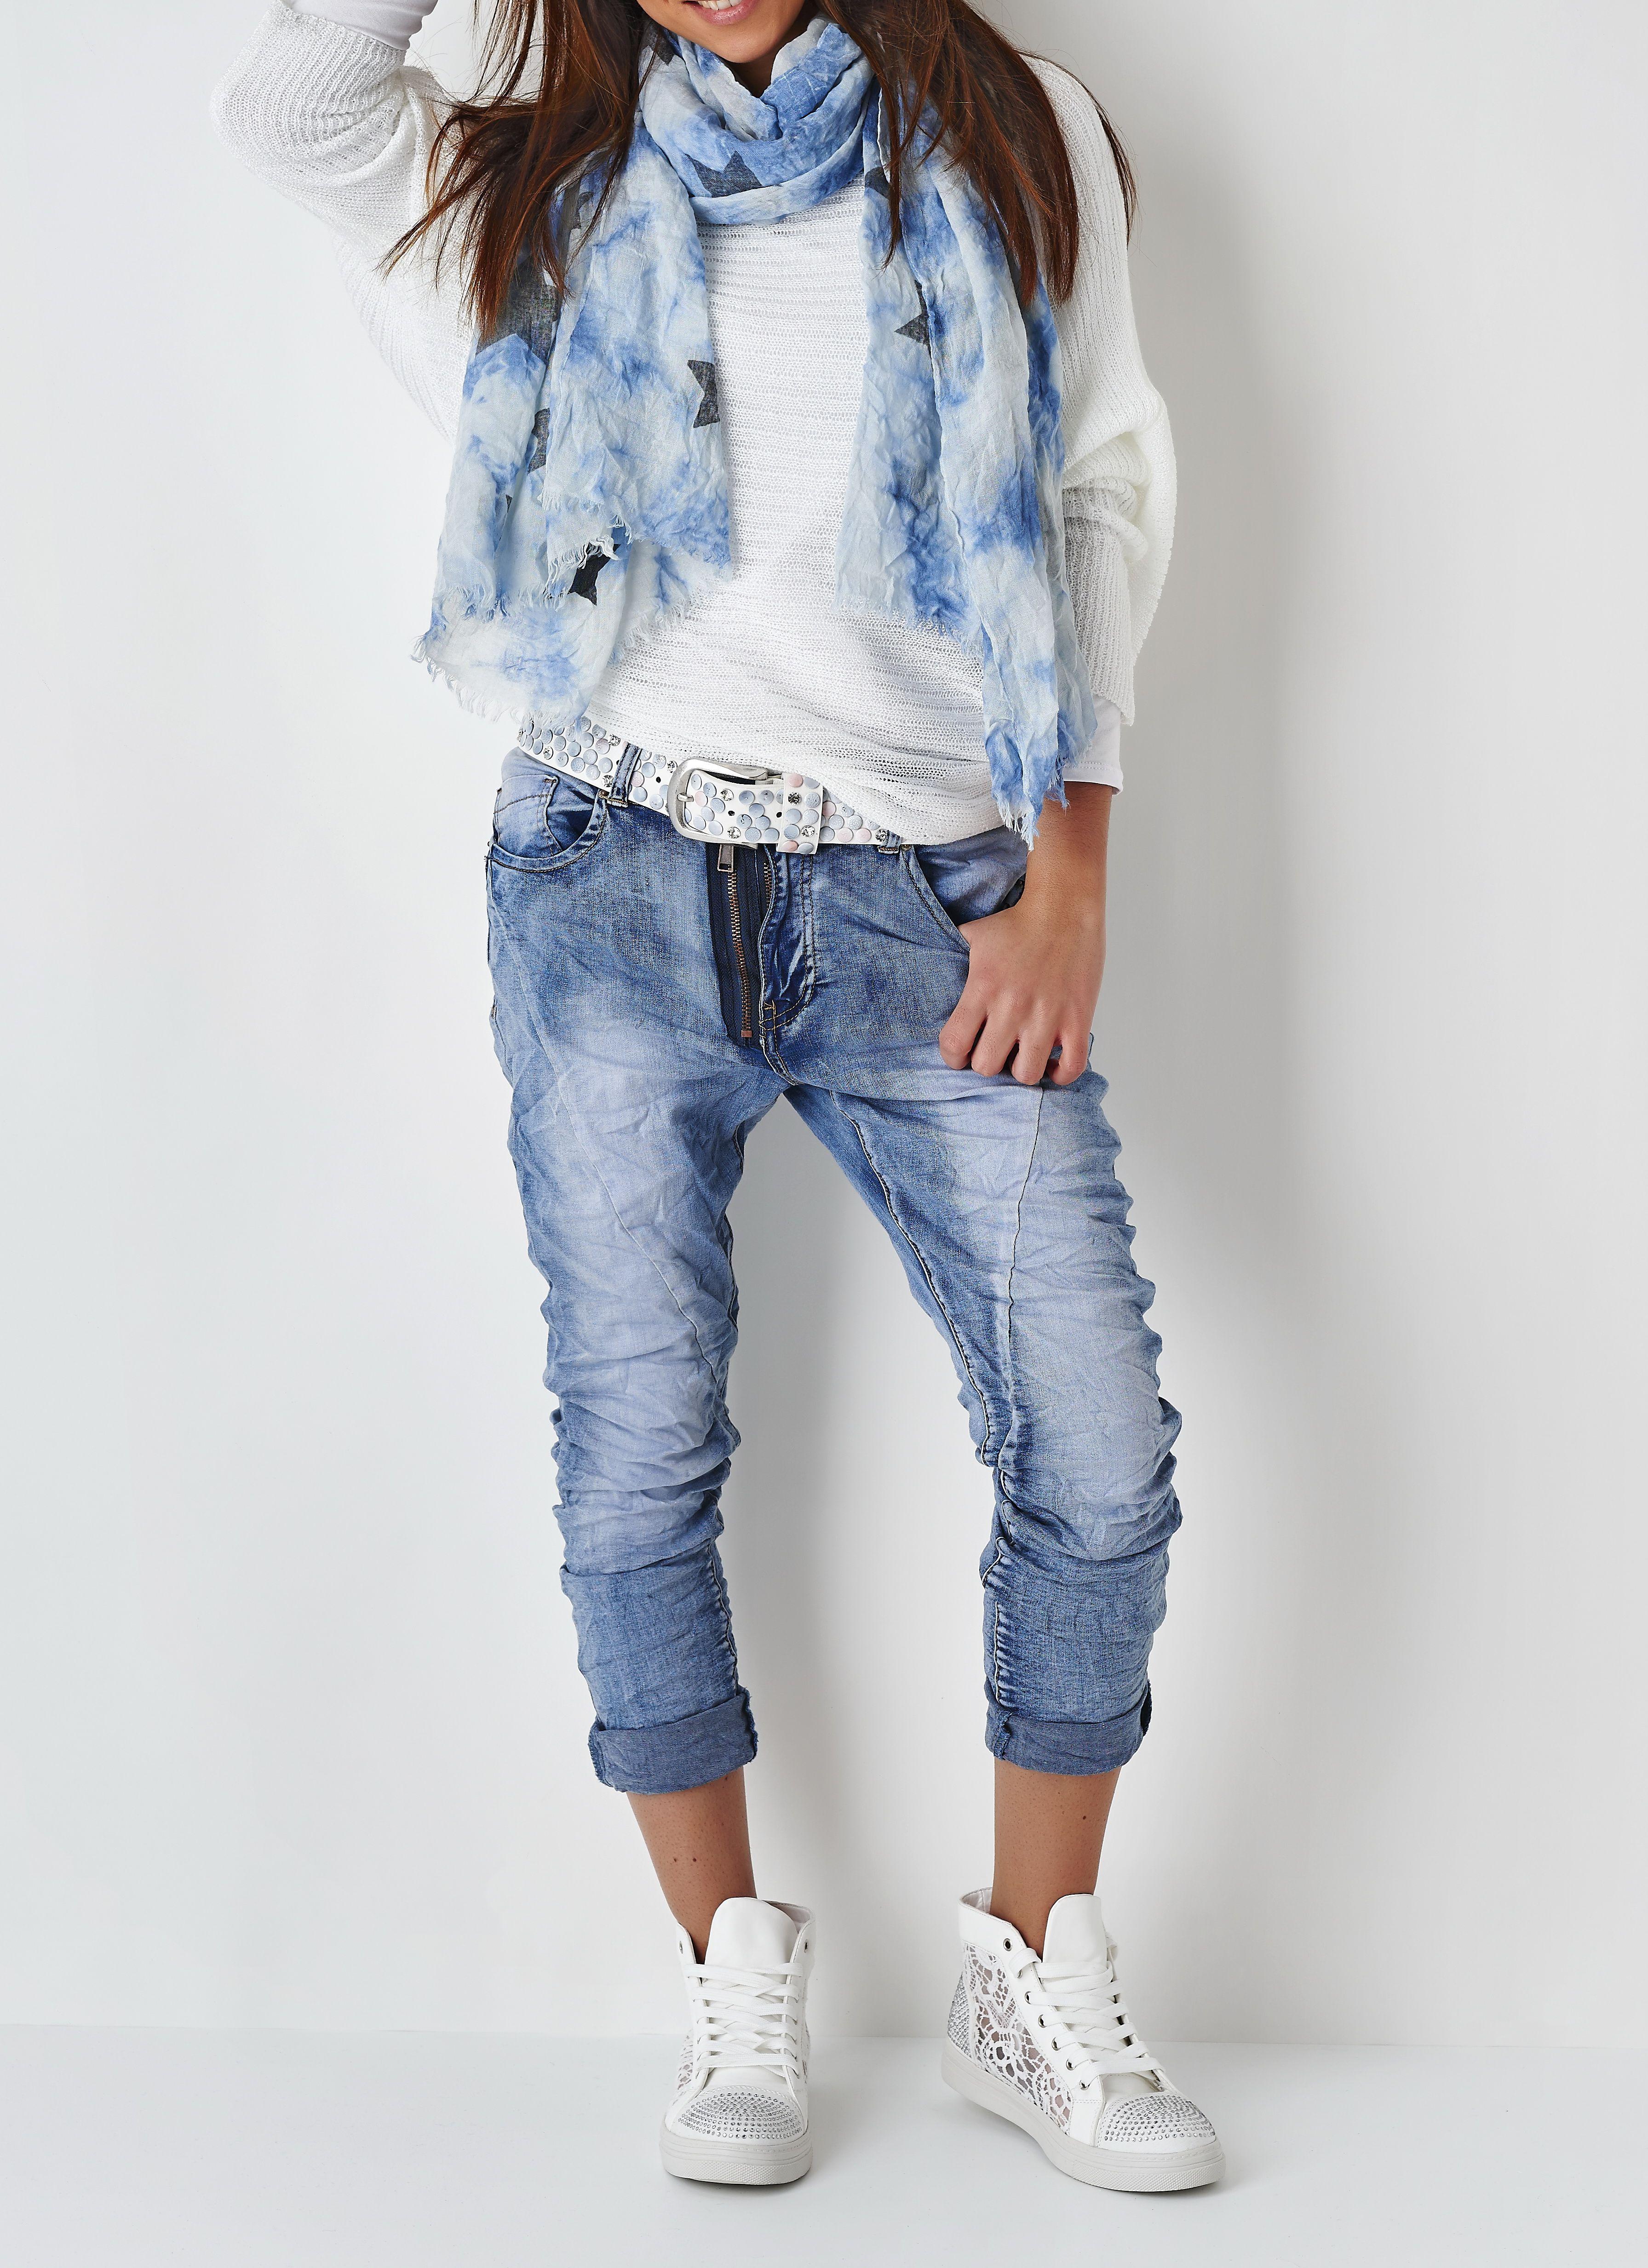 Eros Collection printemps/été 2015 #EROSCOLLECTION #PP15 #SS15 #blue #jeans #style #love #fashion